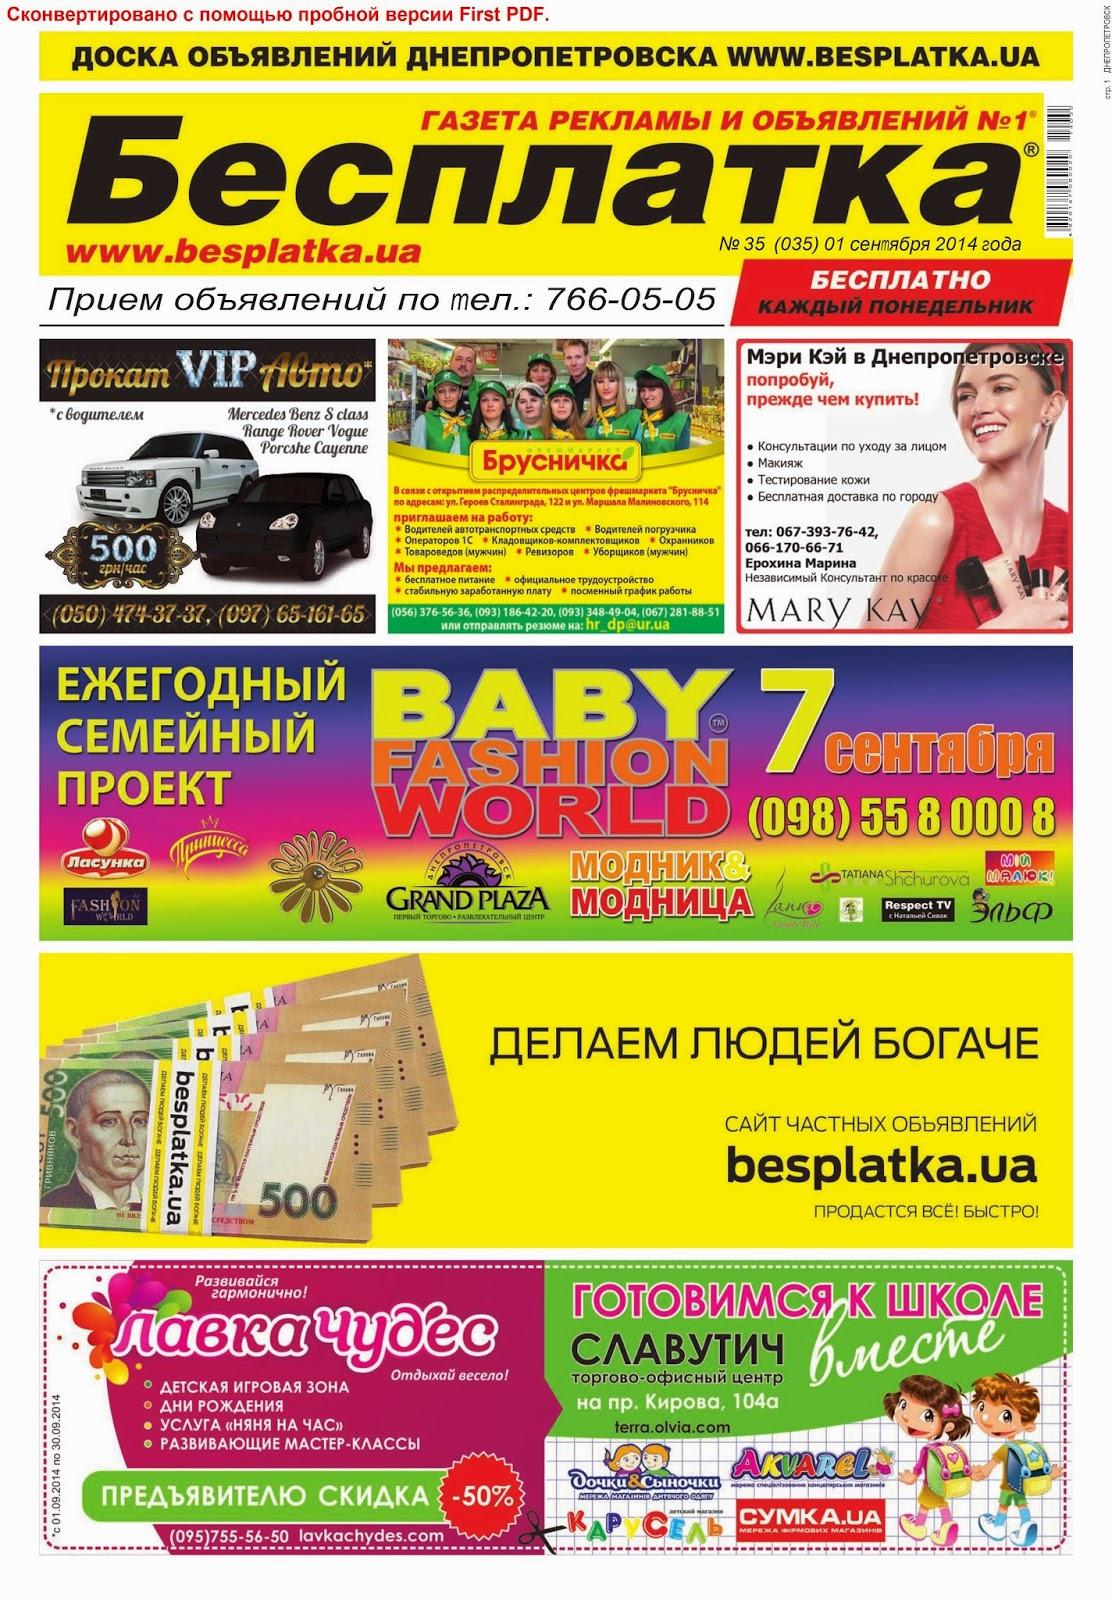 тату салон днепропетровск - Салон тату в Днепропетровске